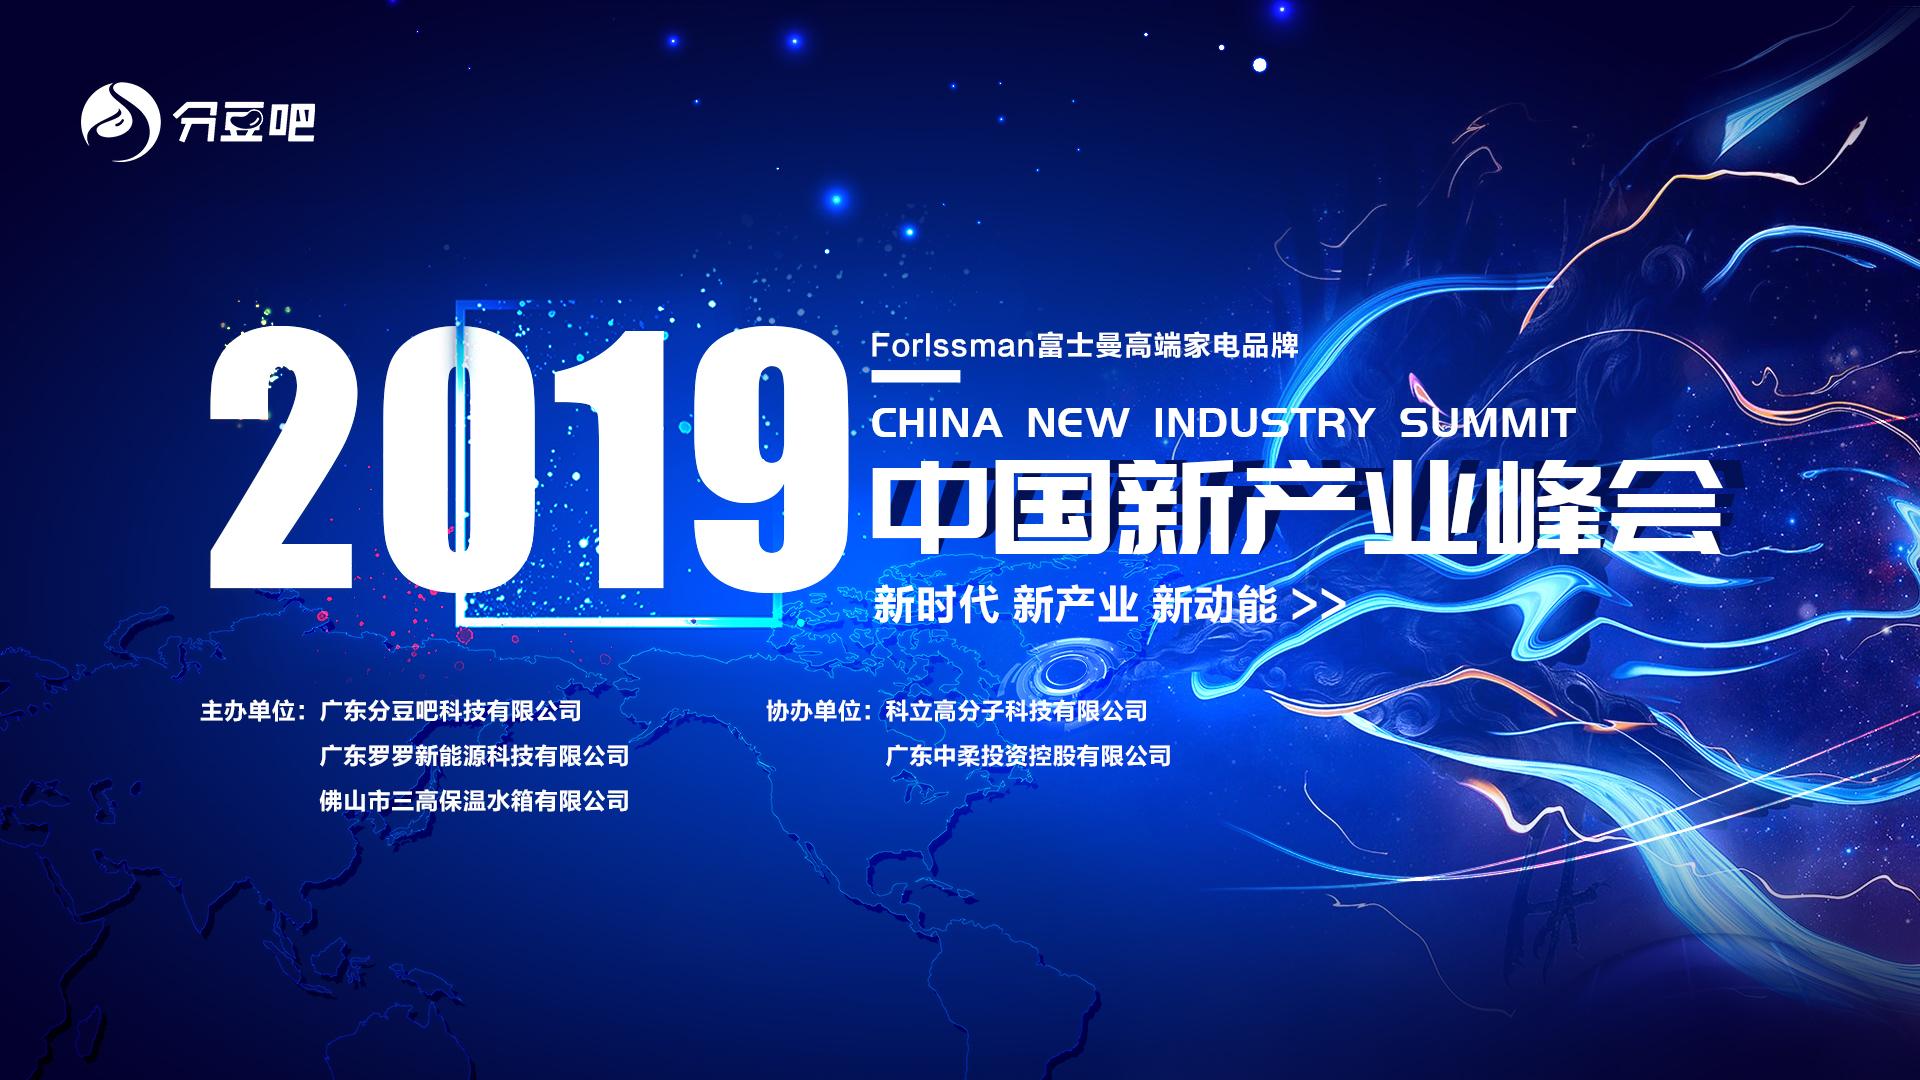 中国新产业峰会 群英荟萃,奏响实体产业转型突围最强音!